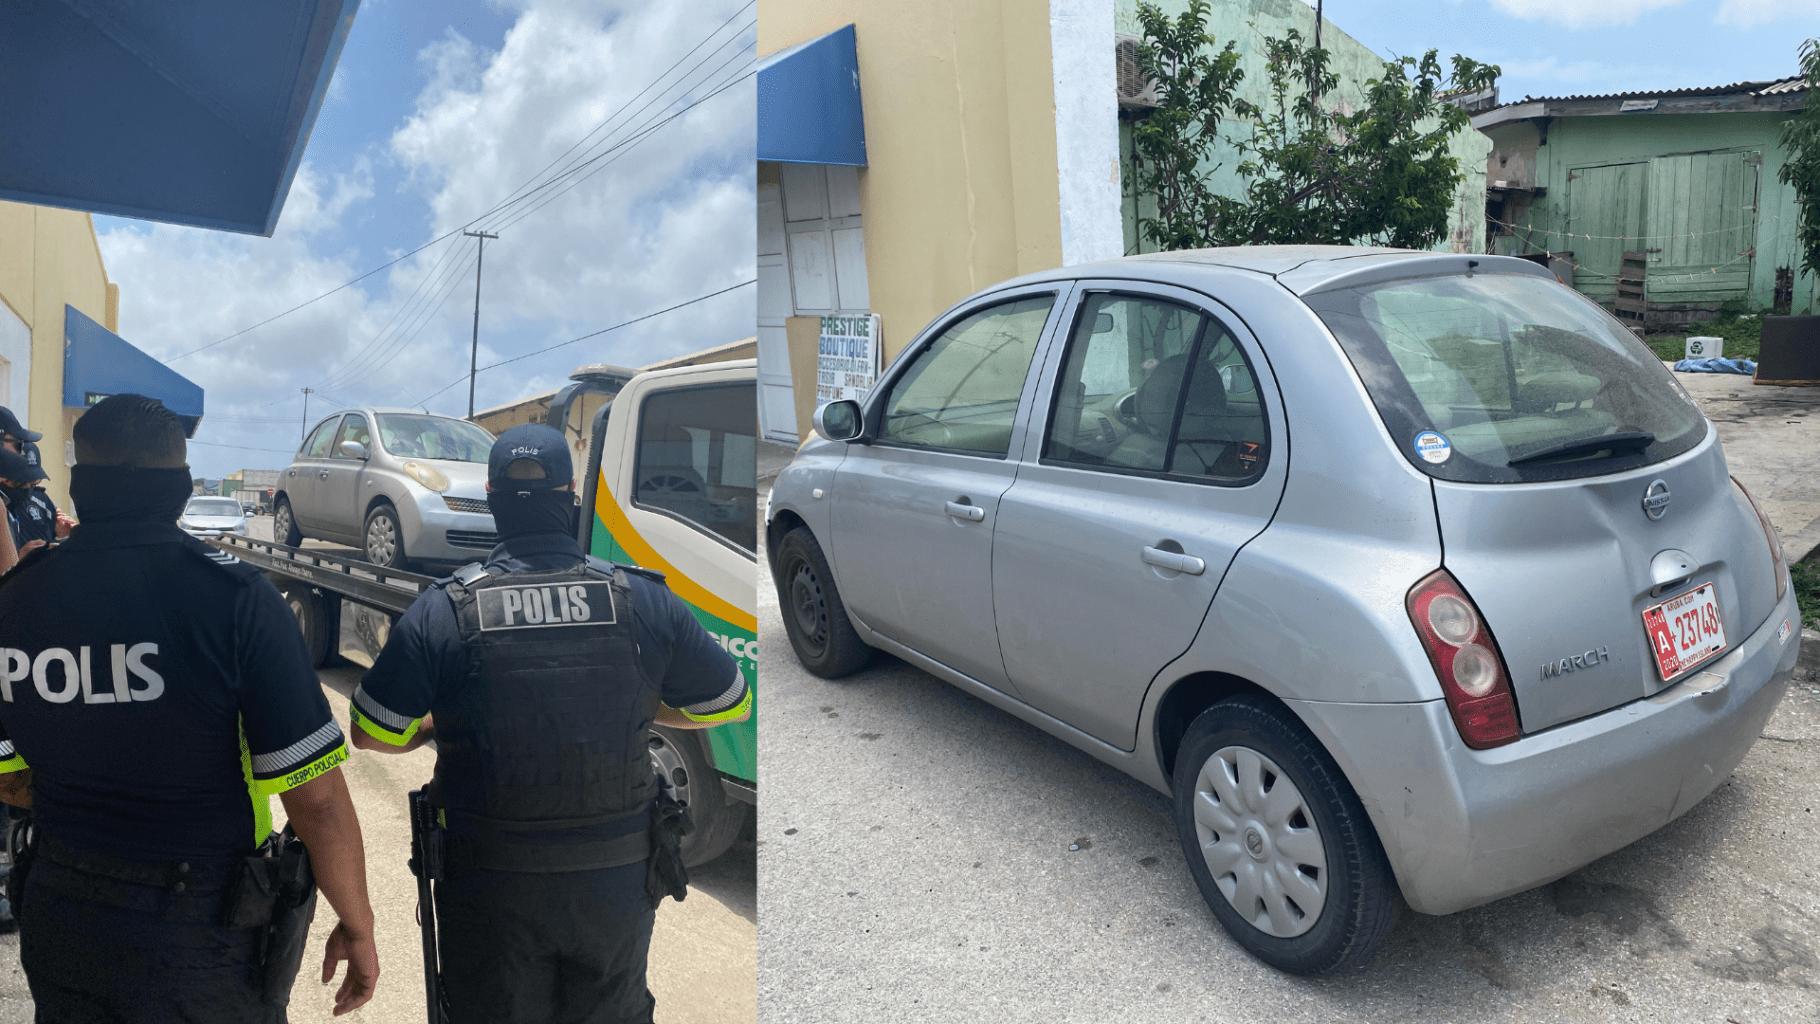 Den caso di asesinato na Brazil: Recherche a confisca auto na cas di sospechoso